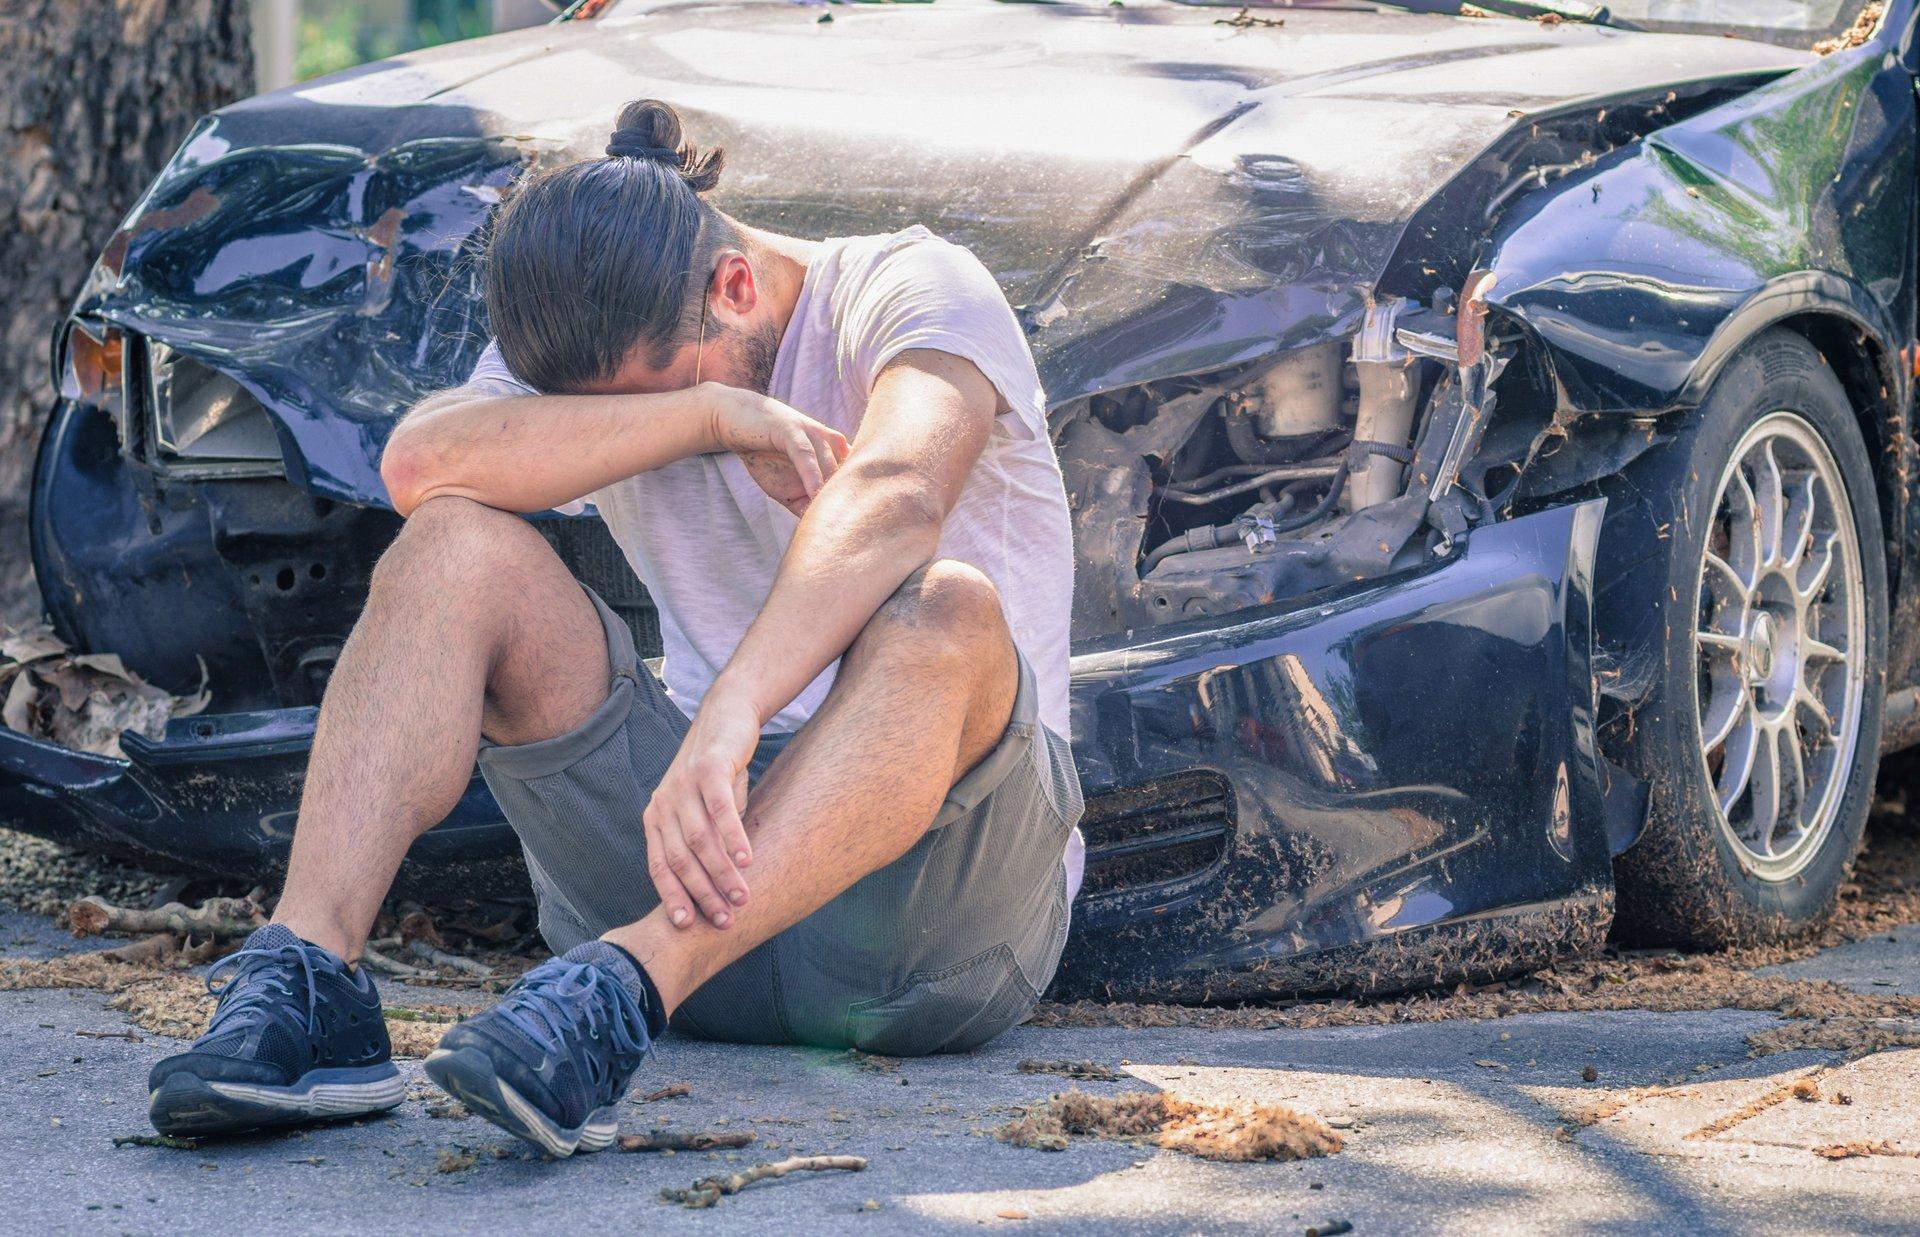 Man after car crash